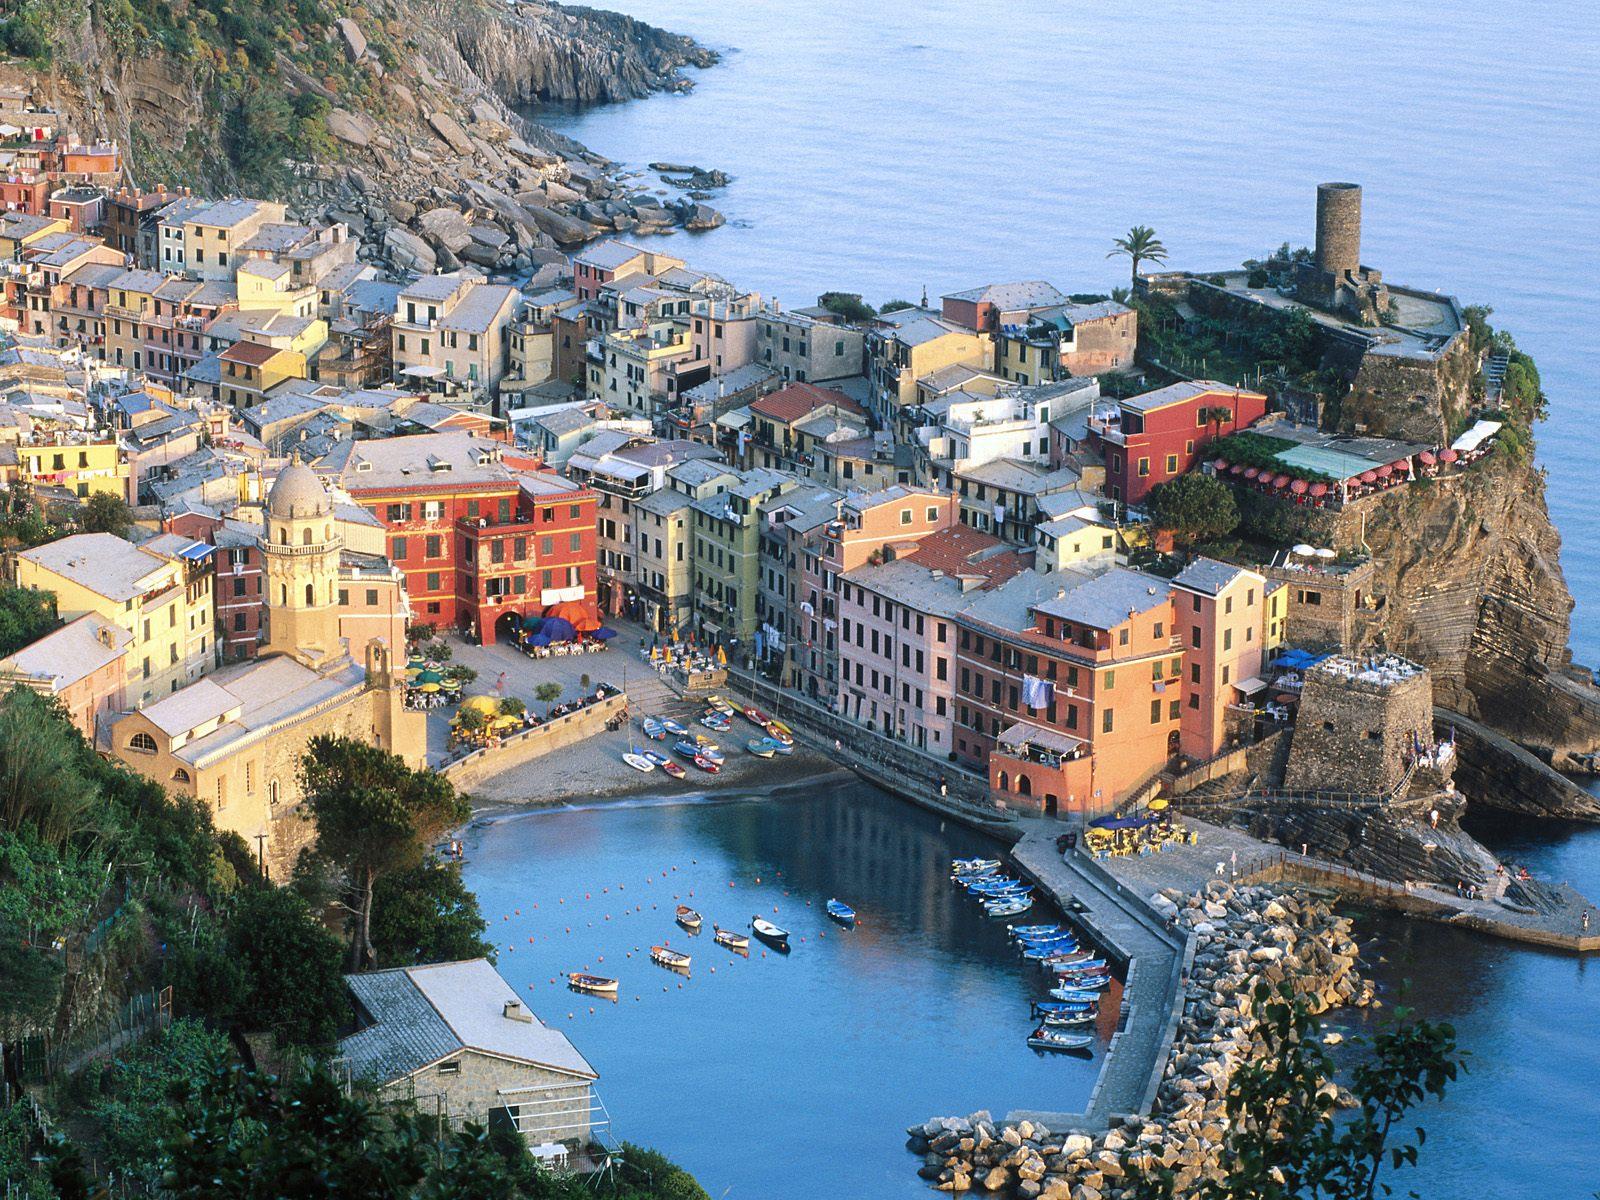 http://4.bp.blogspot.com/-sn1TJd5V_4Y/Tcp5NcXxA8I/AAAAAAAACYs/l3DF_ITcMMM/s1600/Vernazza%252C+Cinque+Terre%252C+Liguria%252C+Italy.jpg